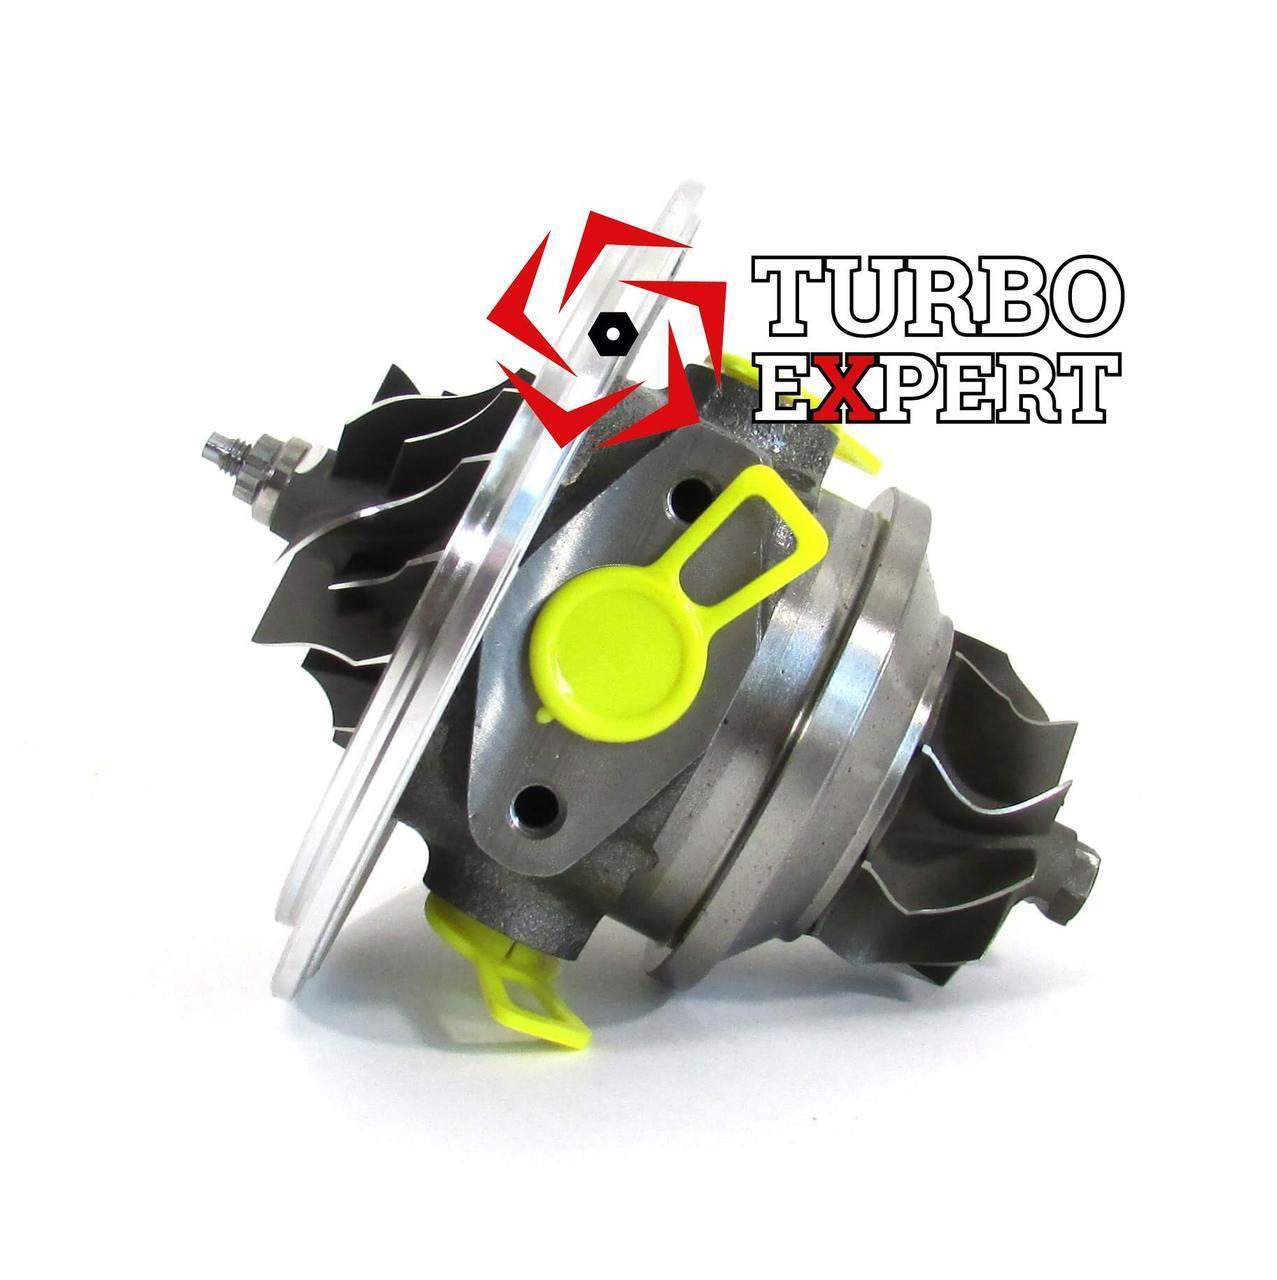 Картридж турбины 452204-5005S, 452204-1, Saab 9-5 3.0 T V6, 147 Kw, B308E, 5955703, 9172123, 1998-2003